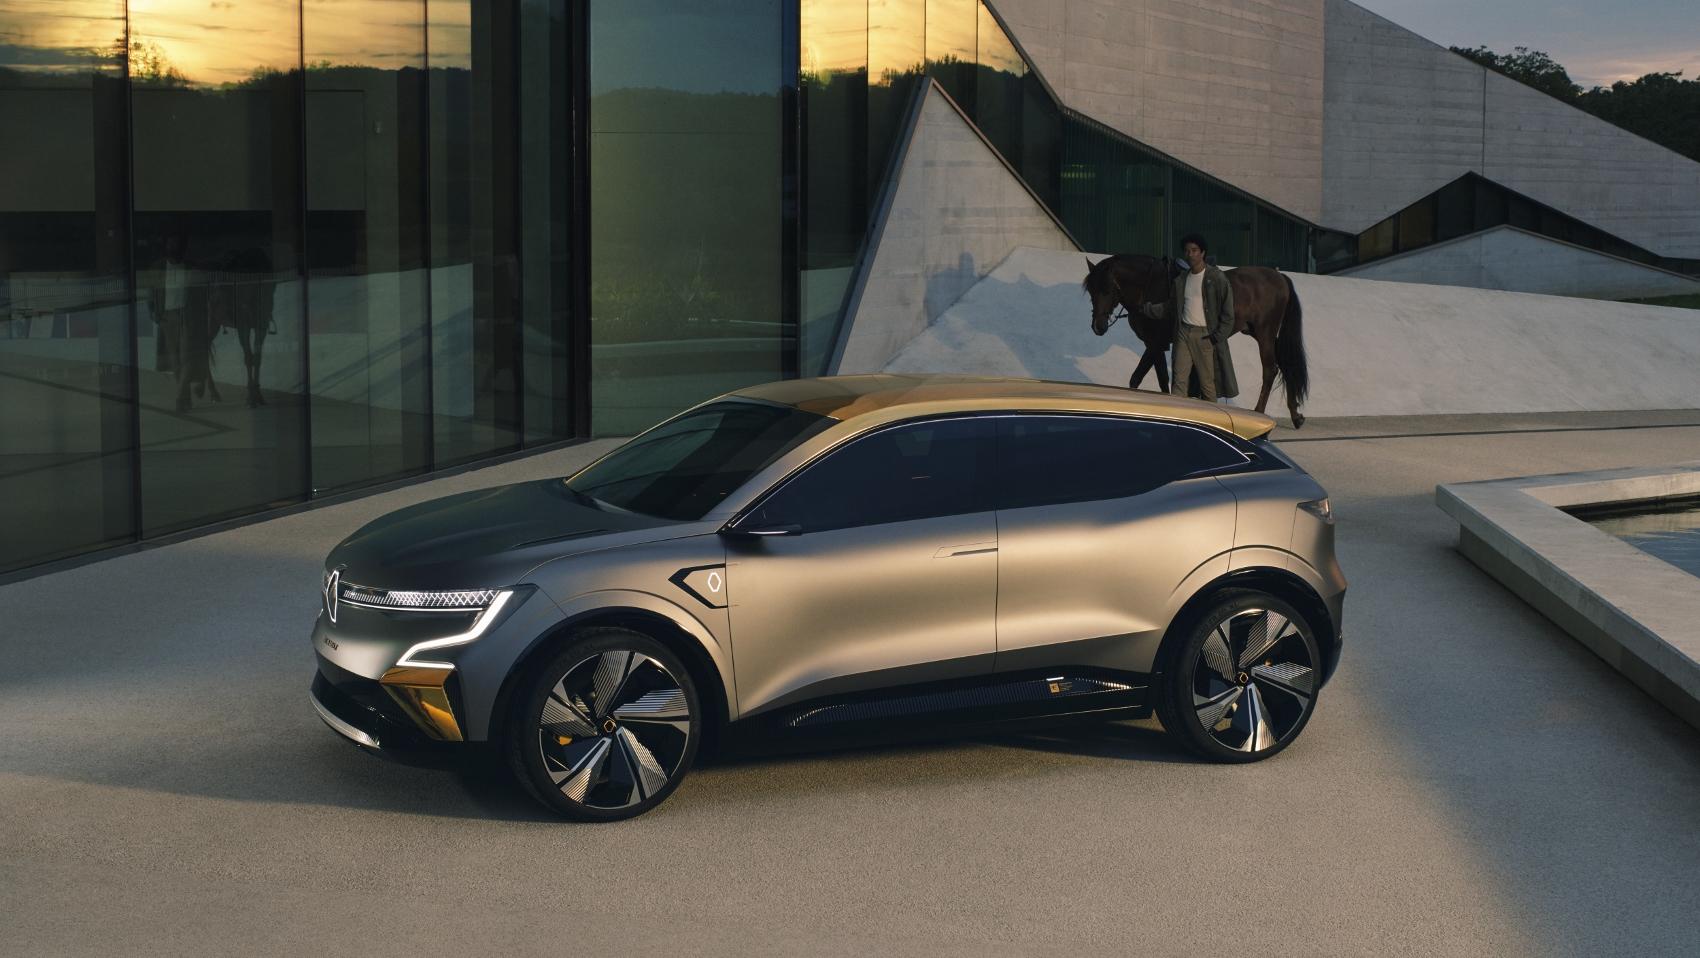 Renault ukázal elektrický koncept Megane. Na tradičný Megane sa nepodobá PTcEKTRQdL 2020-mgane-evisi